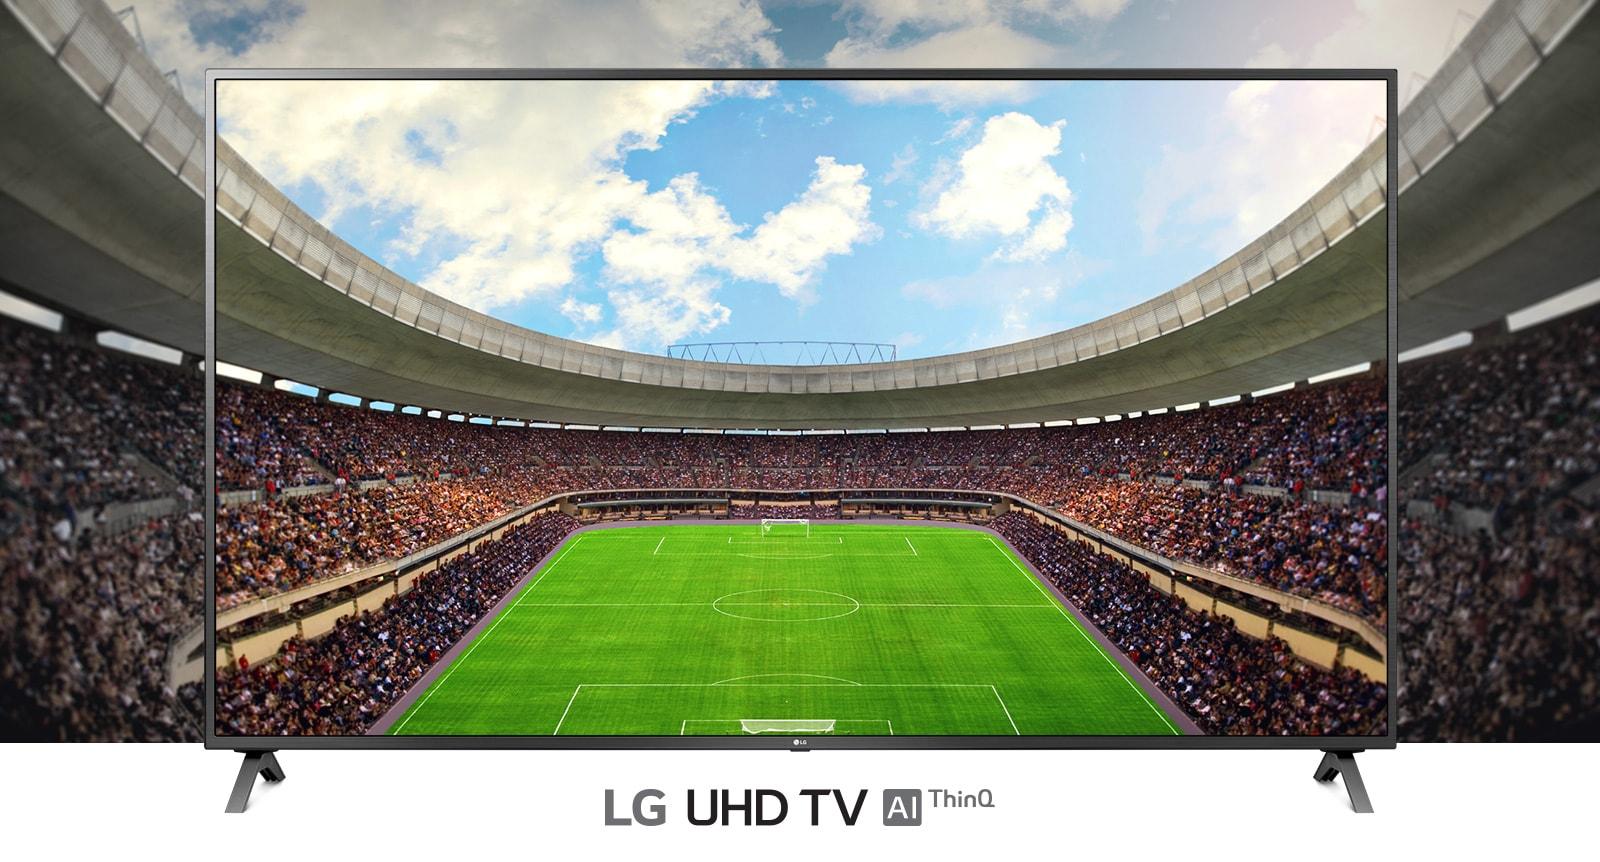 Una vista panorámica del estadio de fútbol lleno de espectadores se muestra dentro de un marco de televisión.